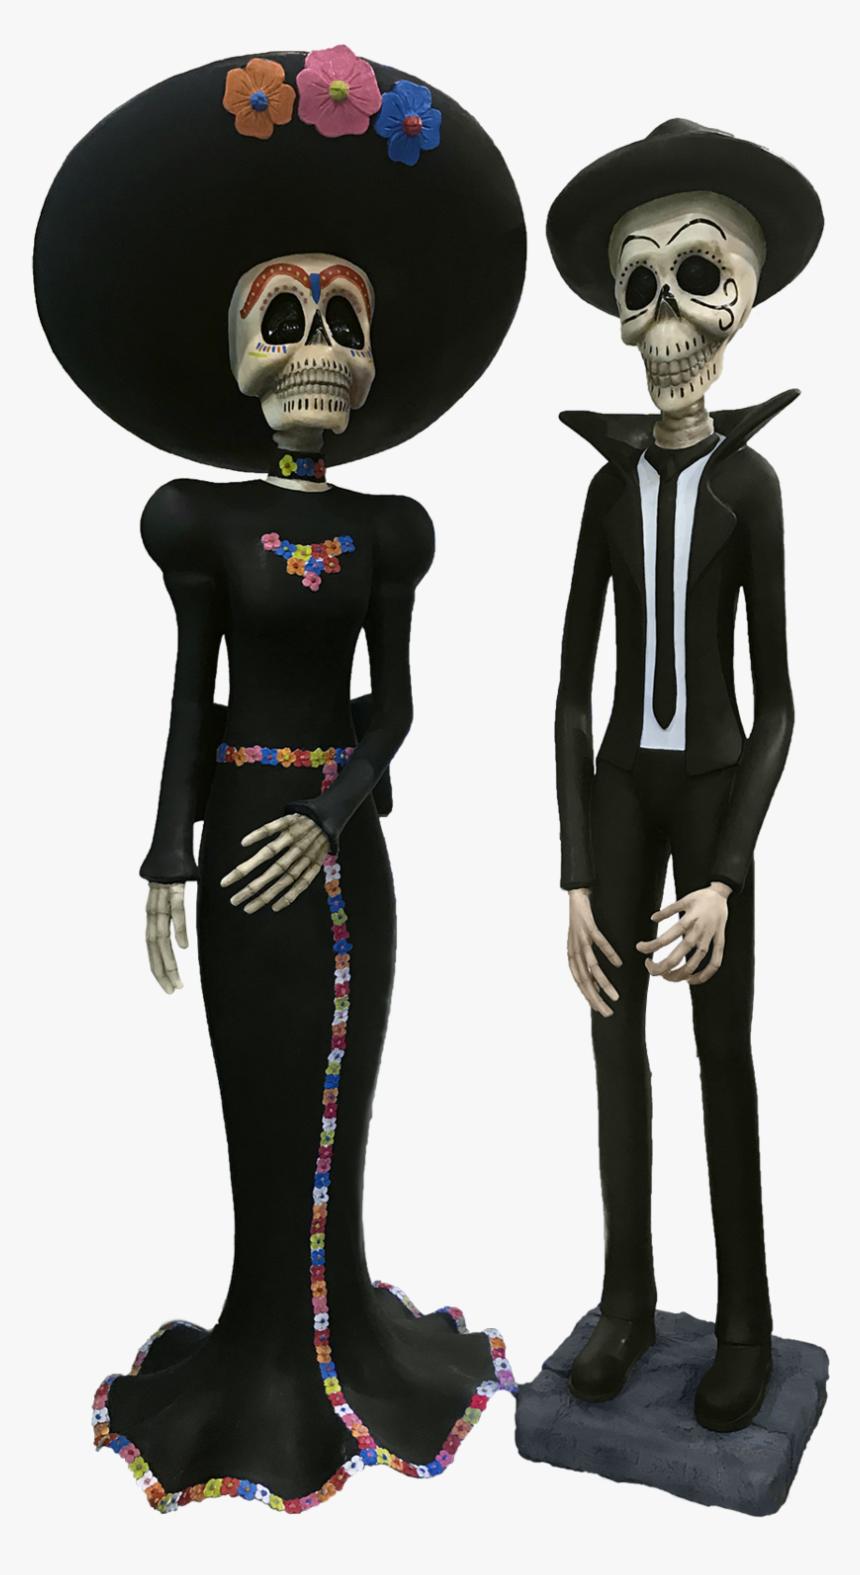 Día De Los Muertos - Día De Los Muertos Statues, HD Png Download, Free Download